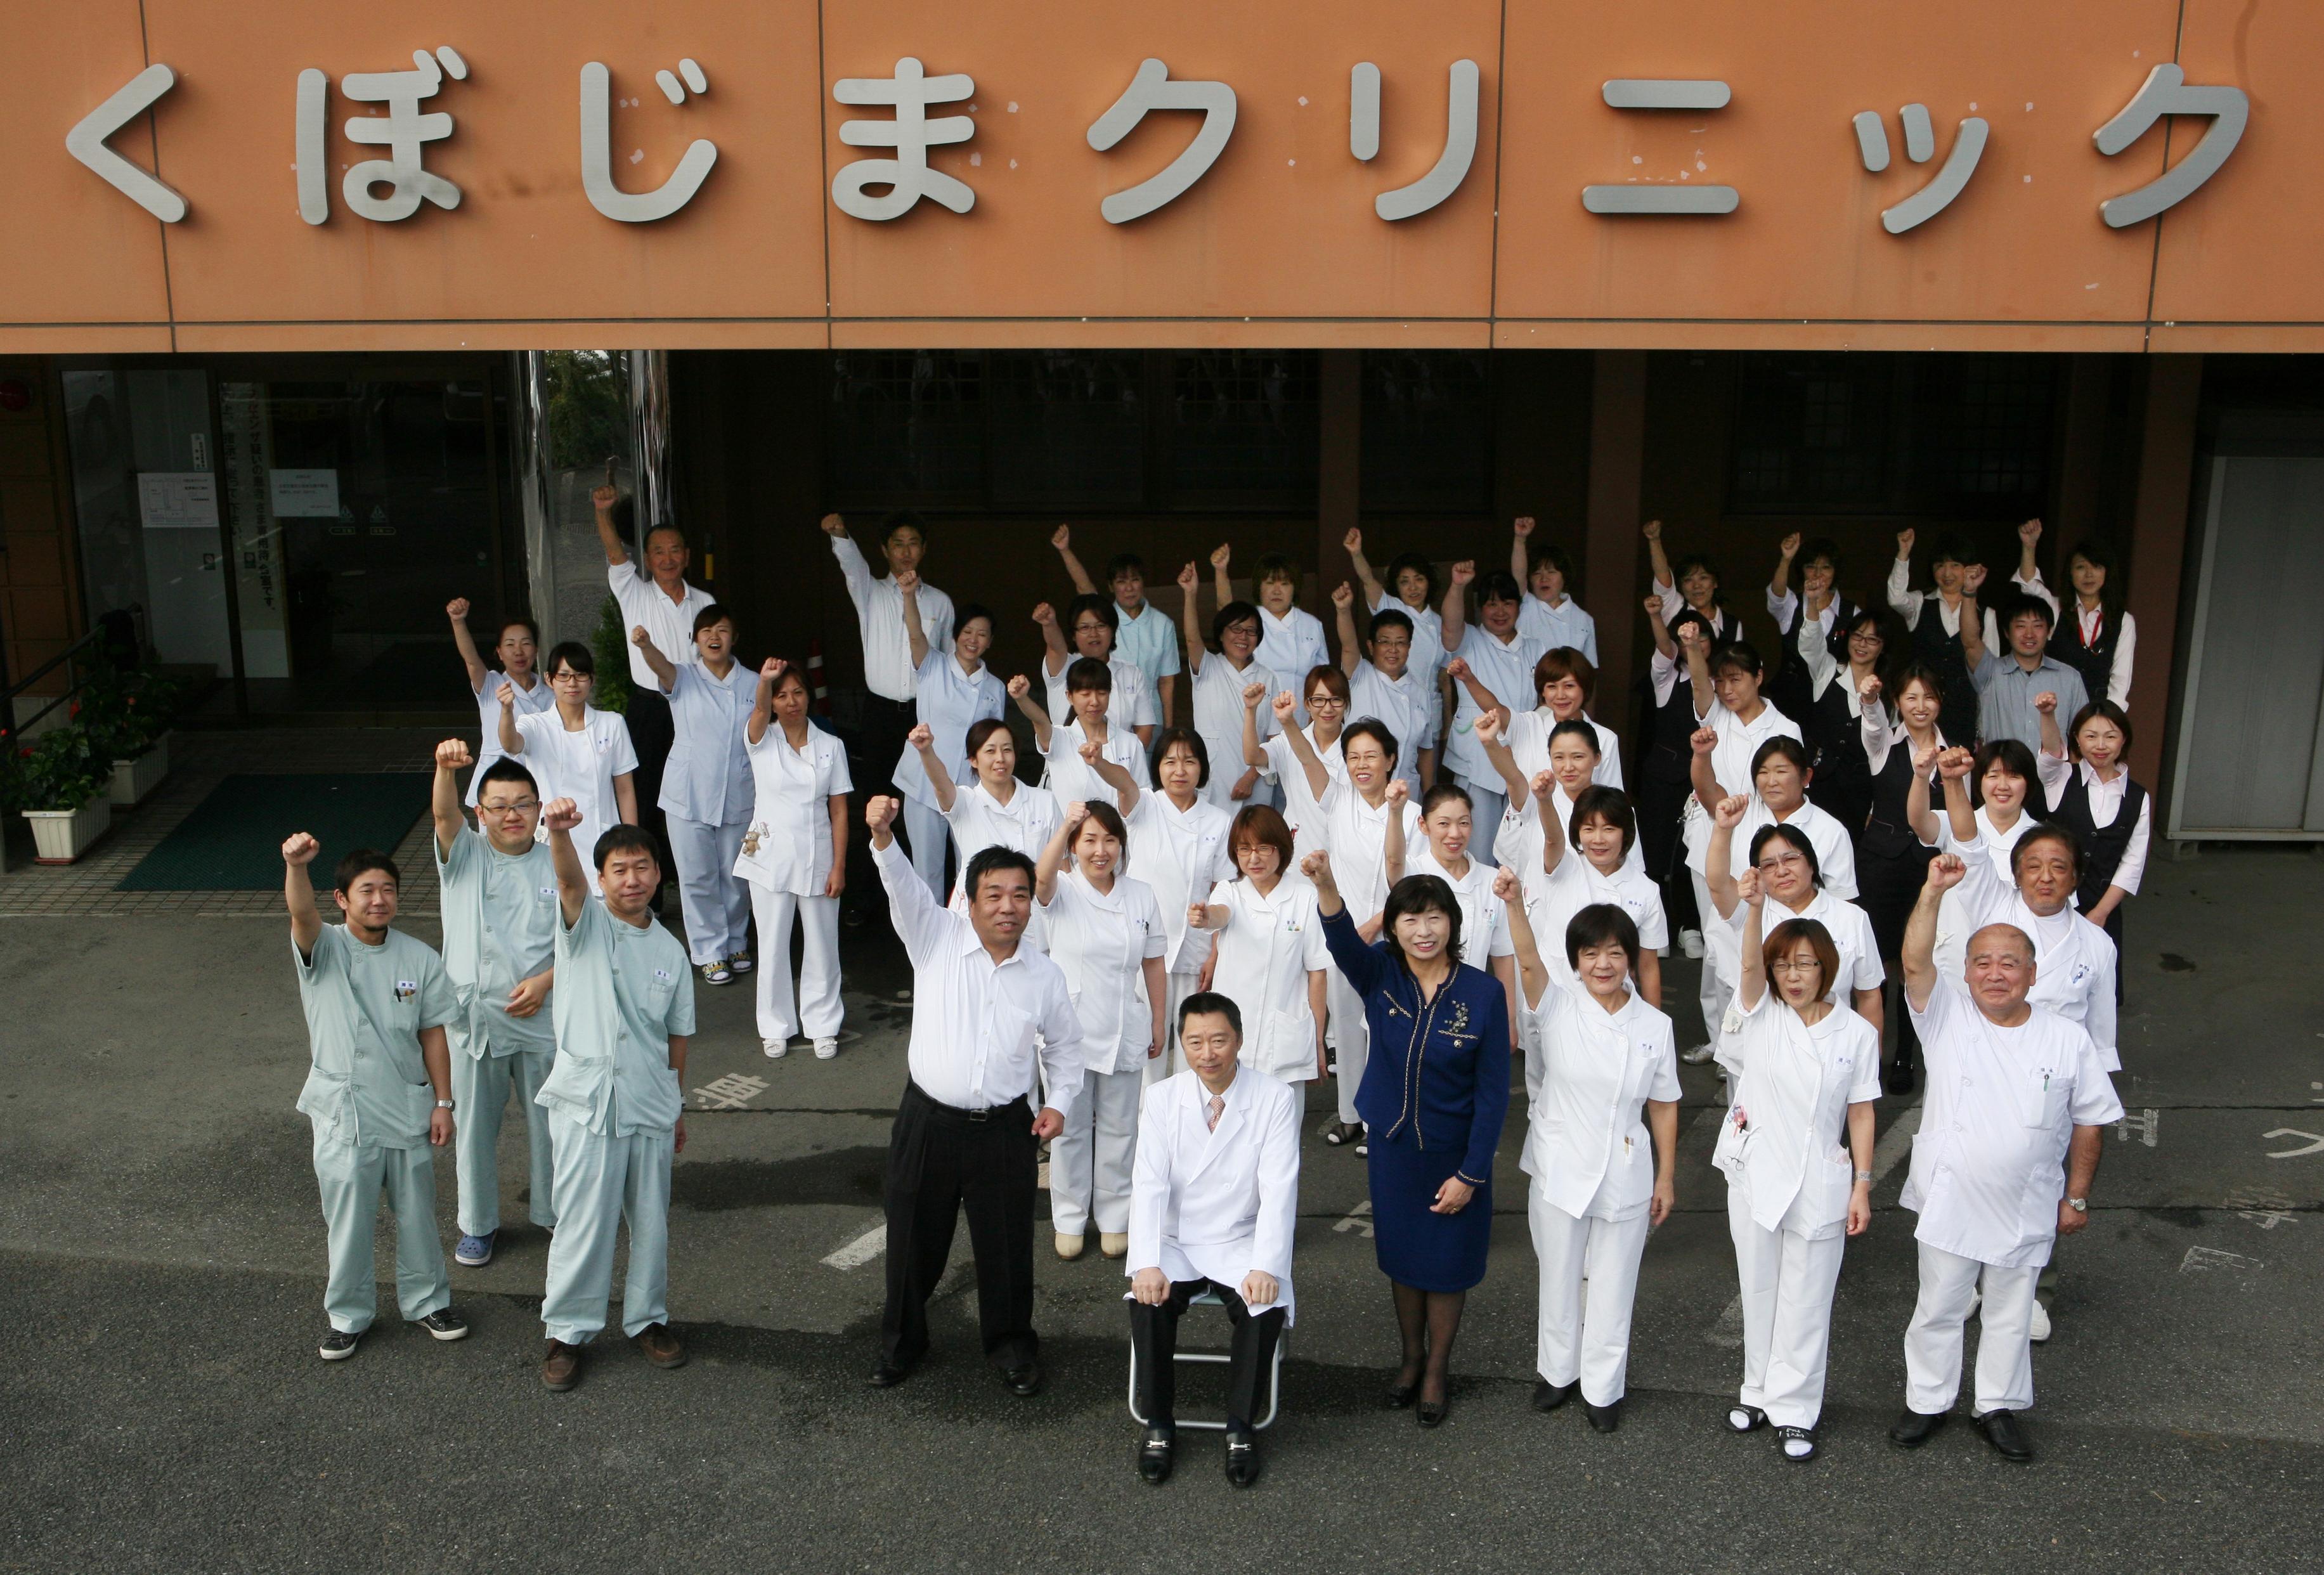 027-2 (医)くぼじまクリニック